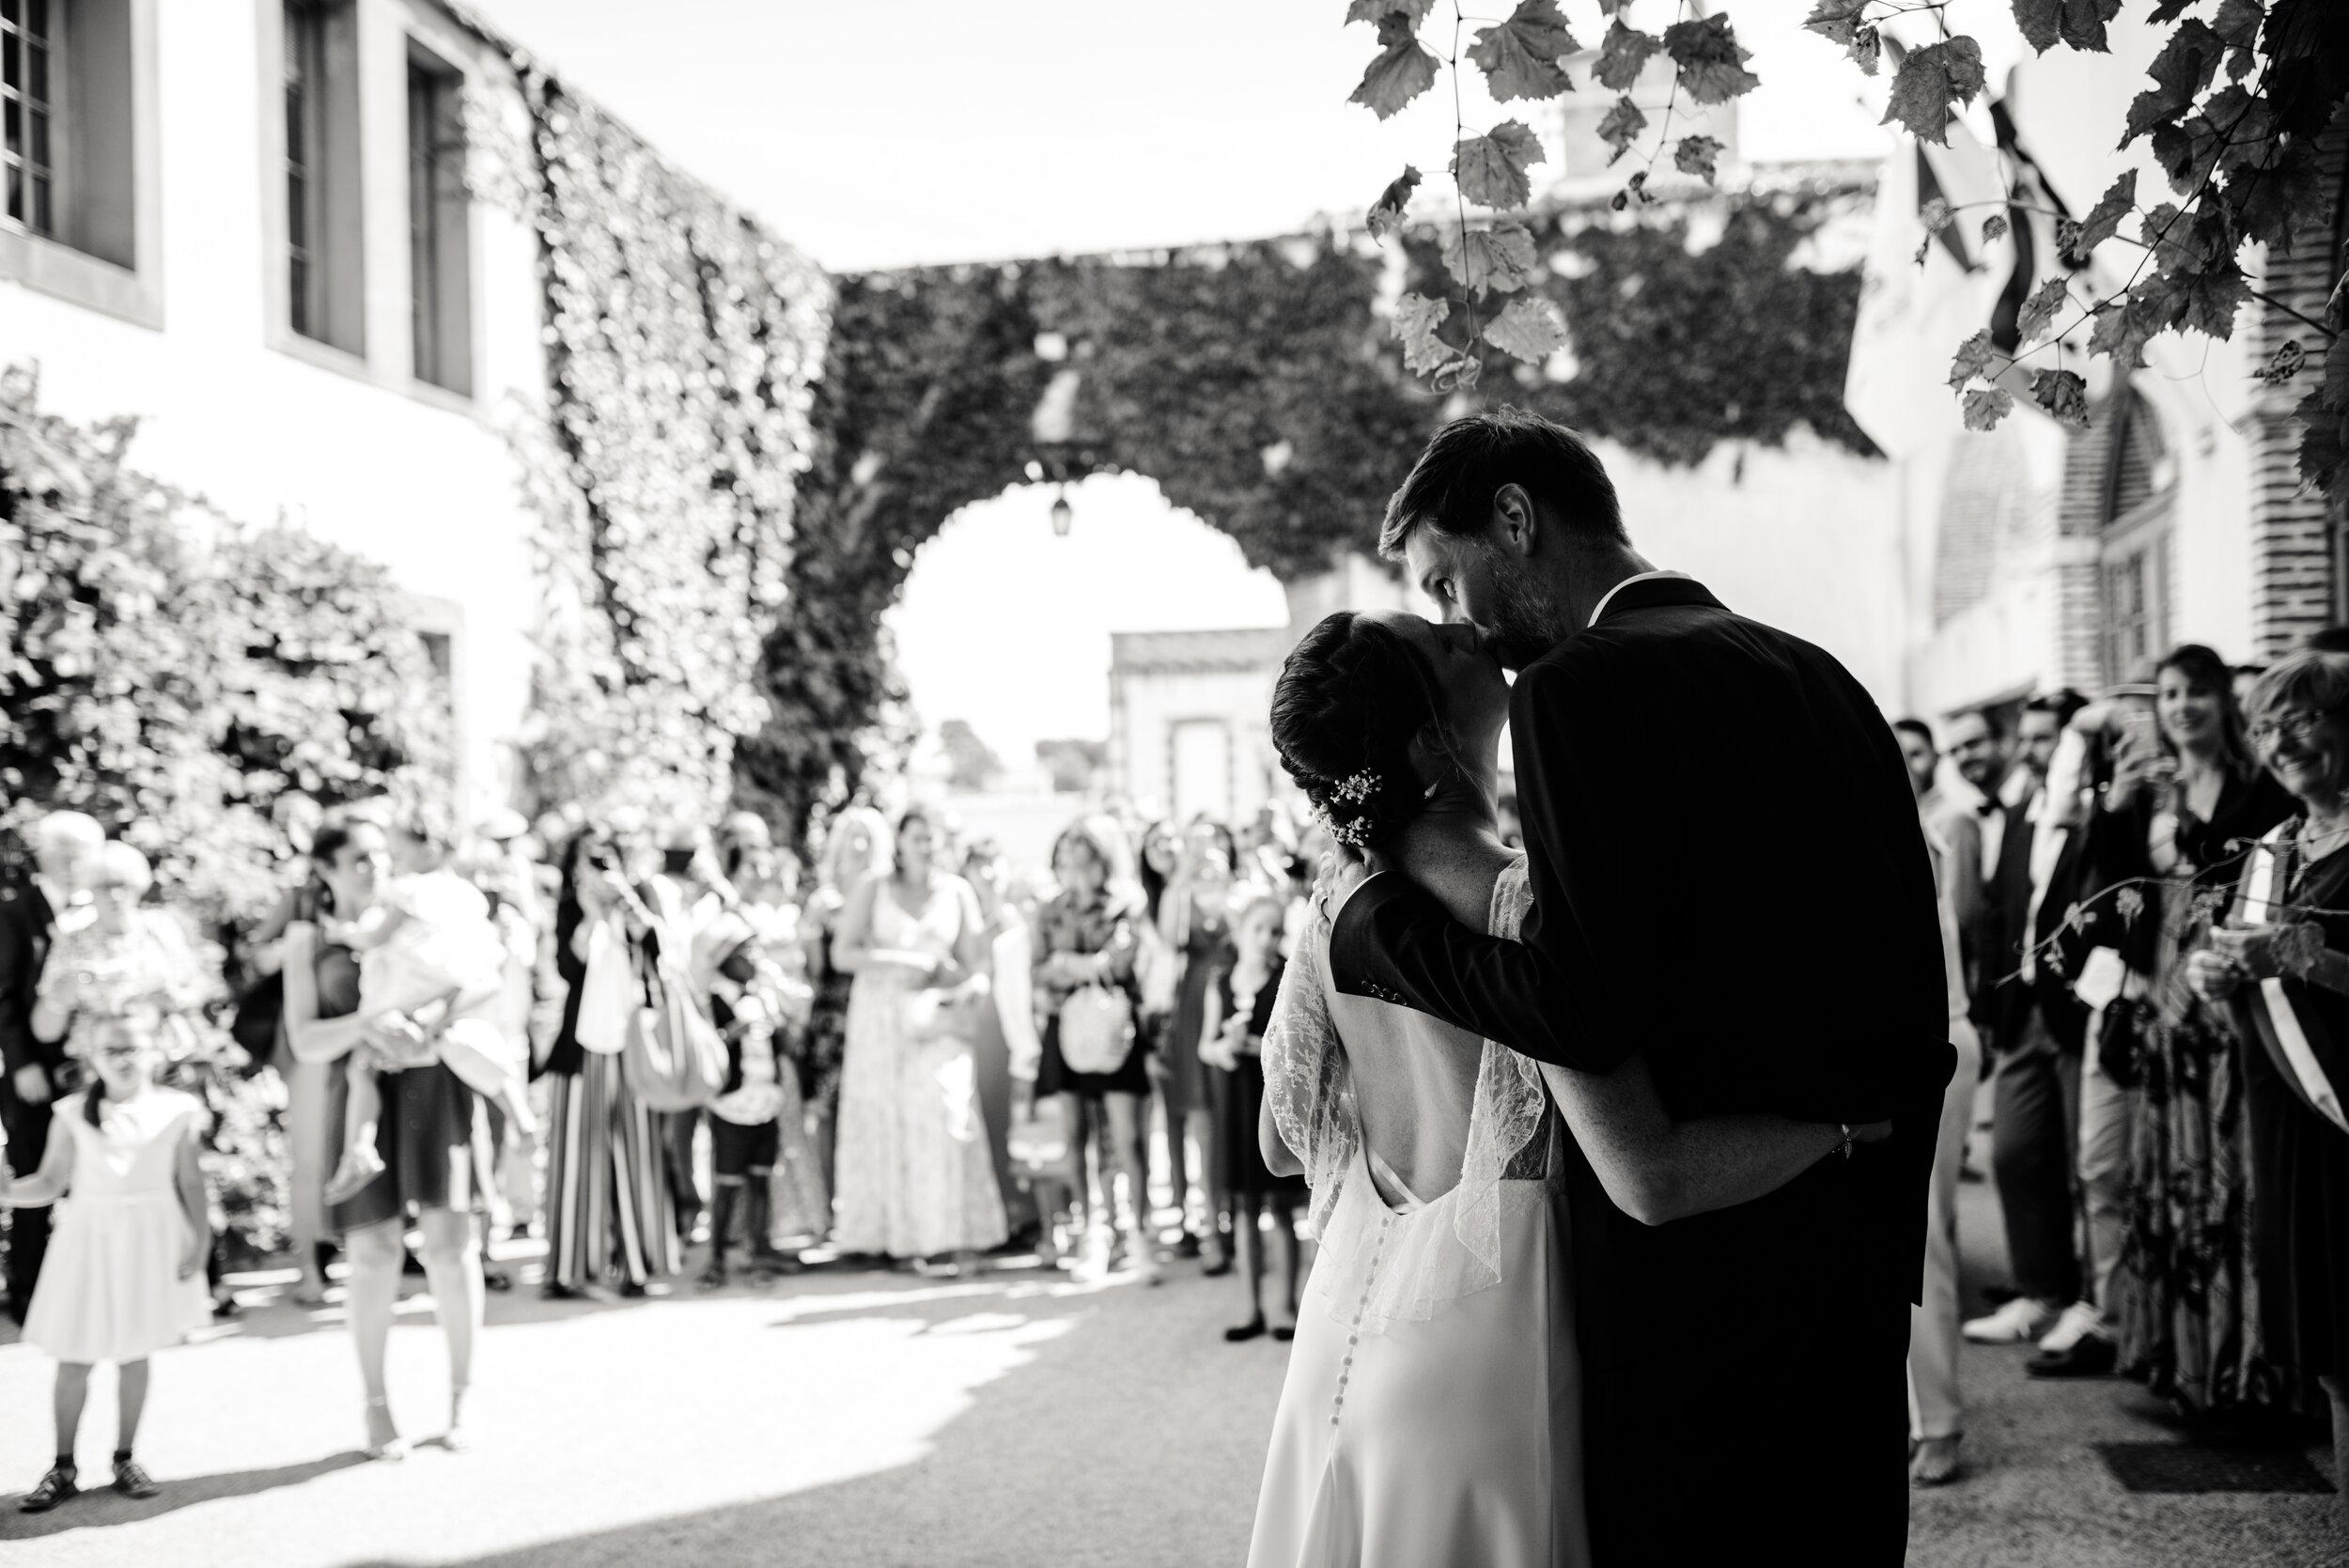 Léa-Fery-photographe-professionnel-Bretagne-portrait-creation-mariage-evenement-evenementiel-famille-6341.jpg